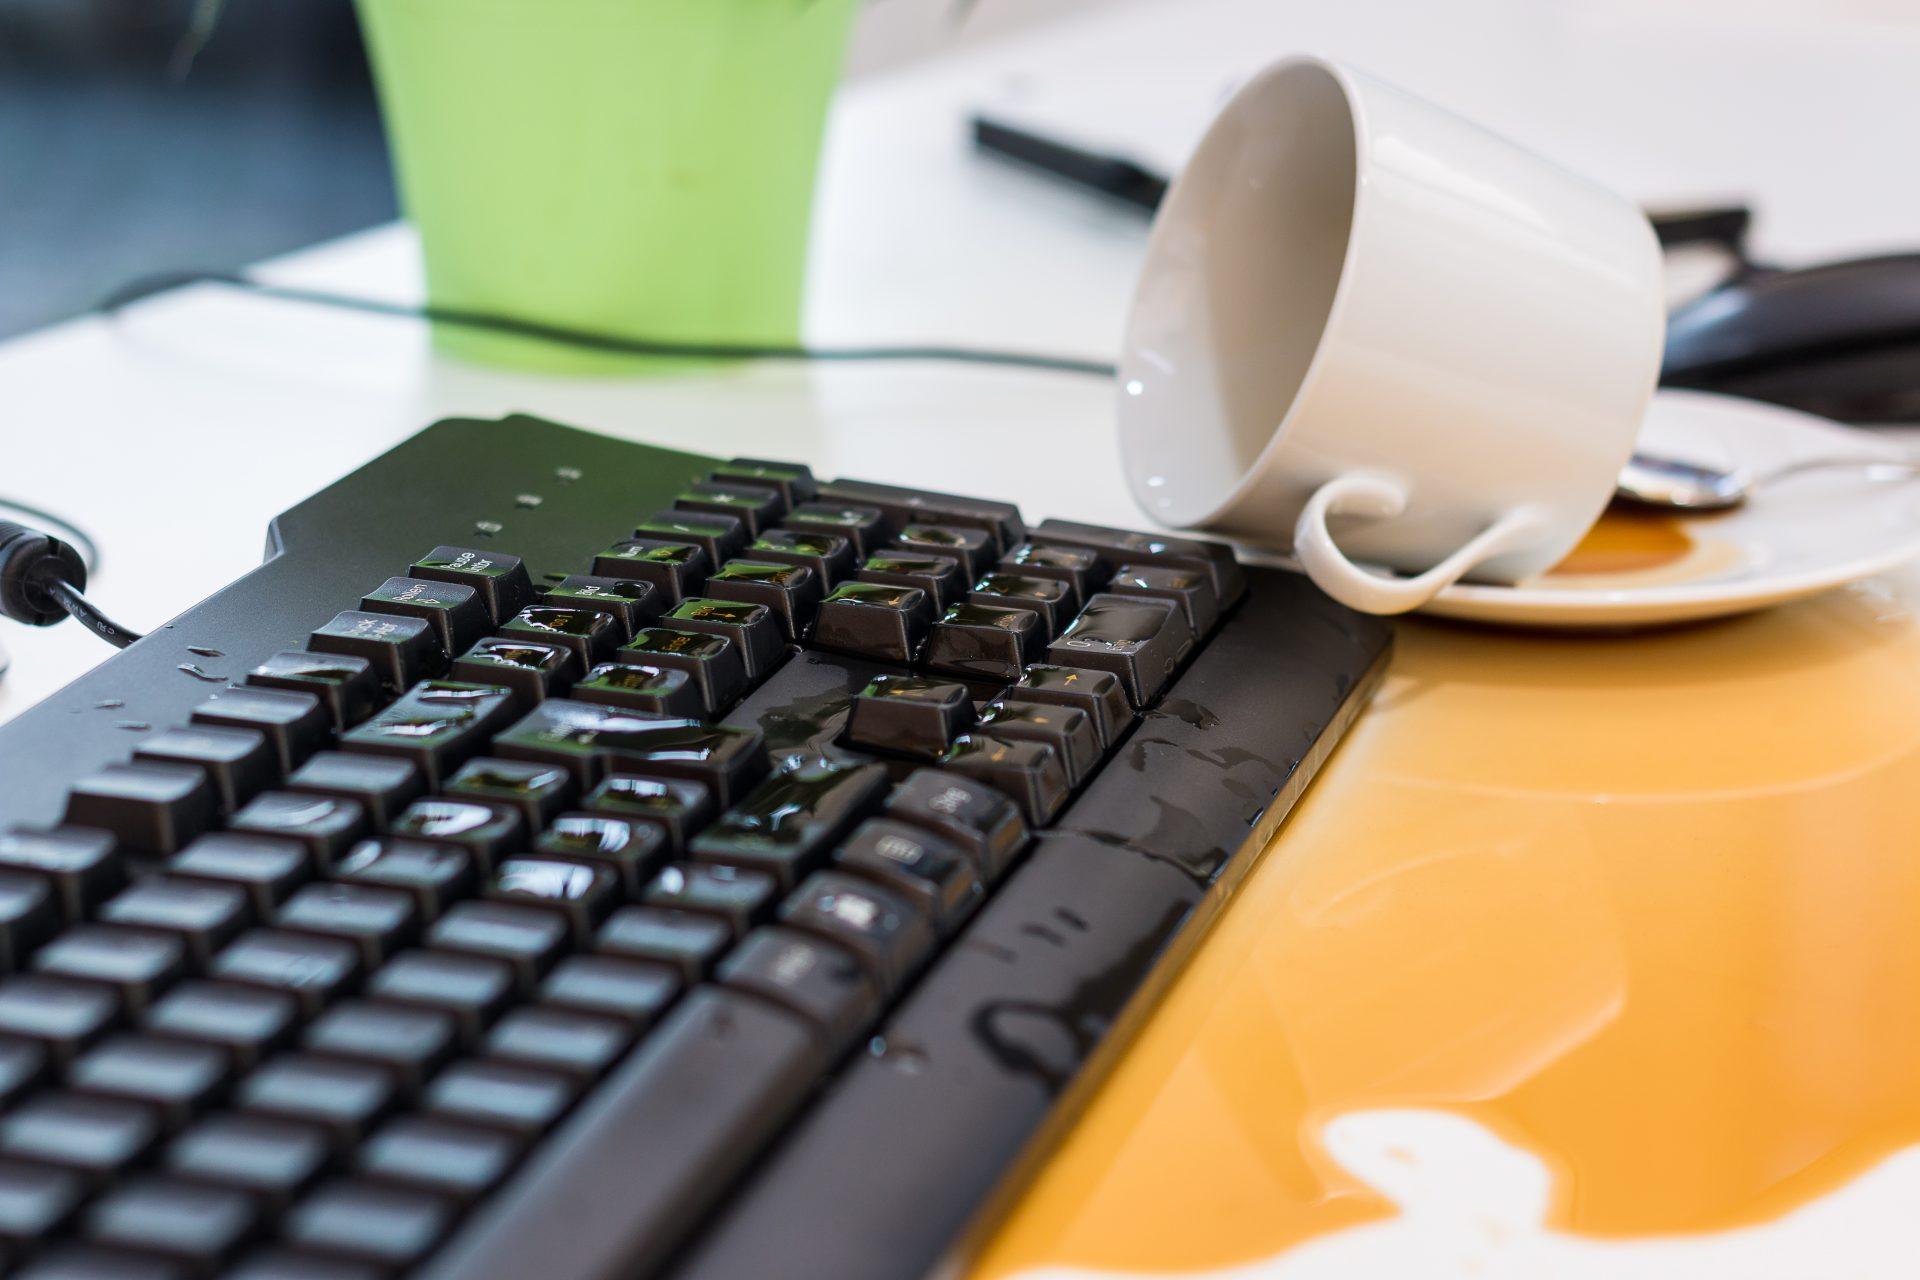 abwaschbare-kunststoff-tastatur